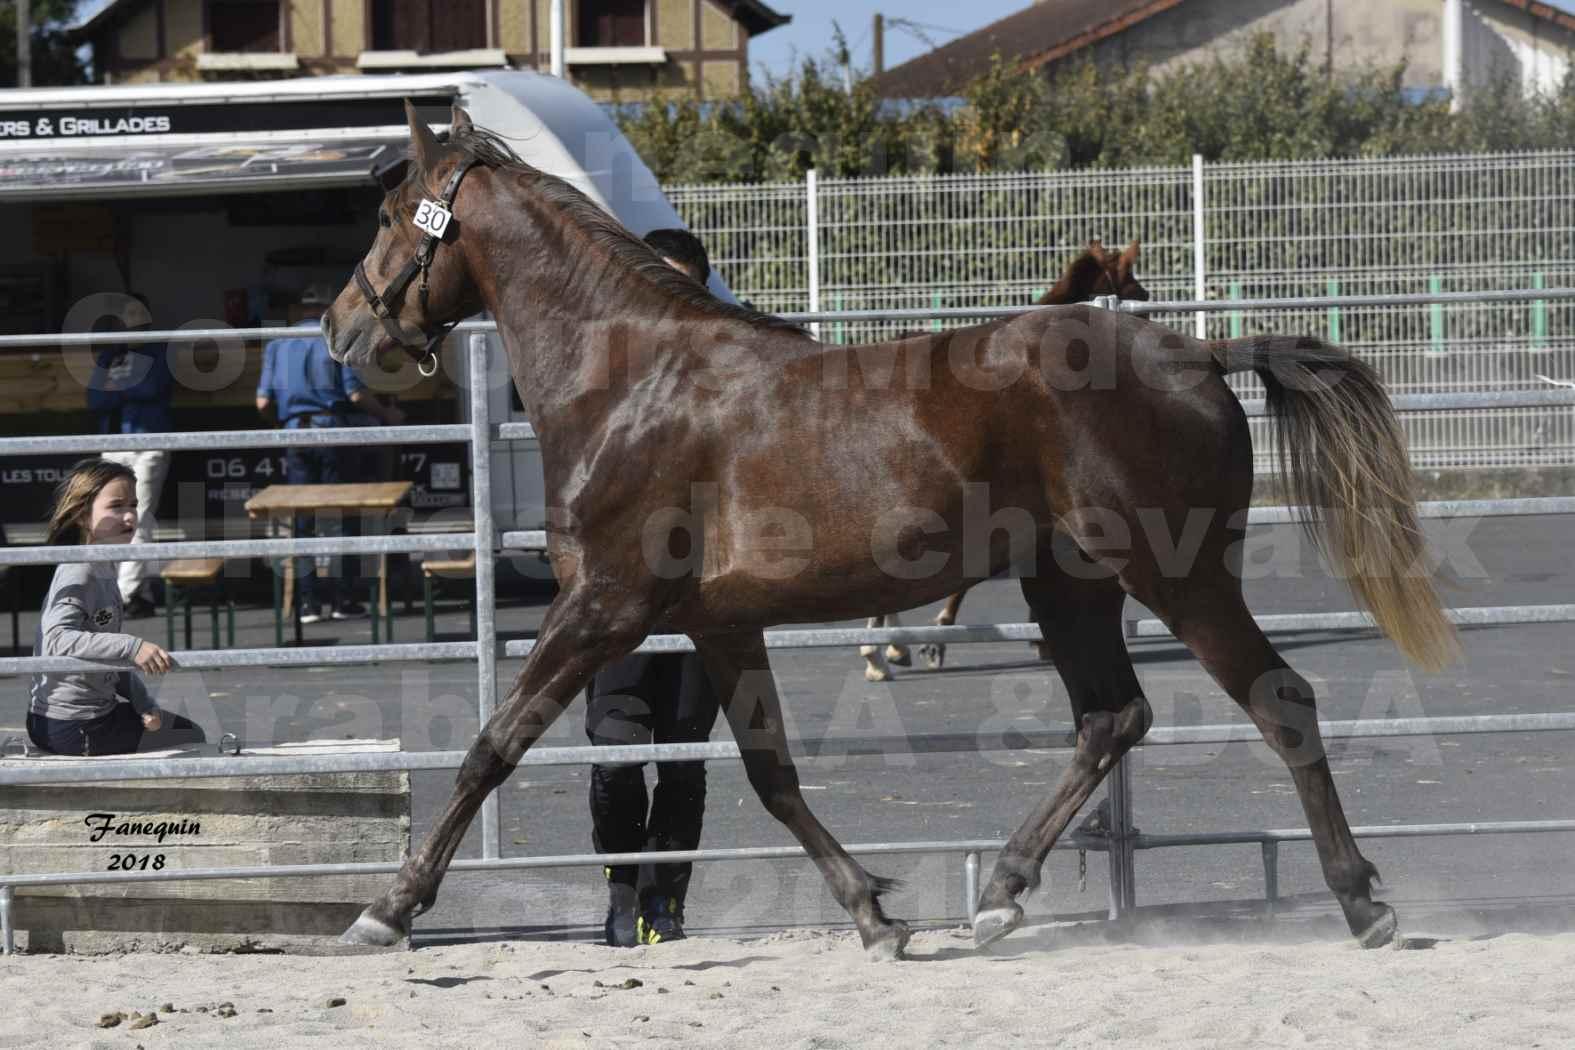 Concours d'élevage de Chevaux Arabes - D S A - A A - ALBI les 6 & 7 Avril 2018 - DJAHM AL MOUNJOYE - Notre Sélection - 6